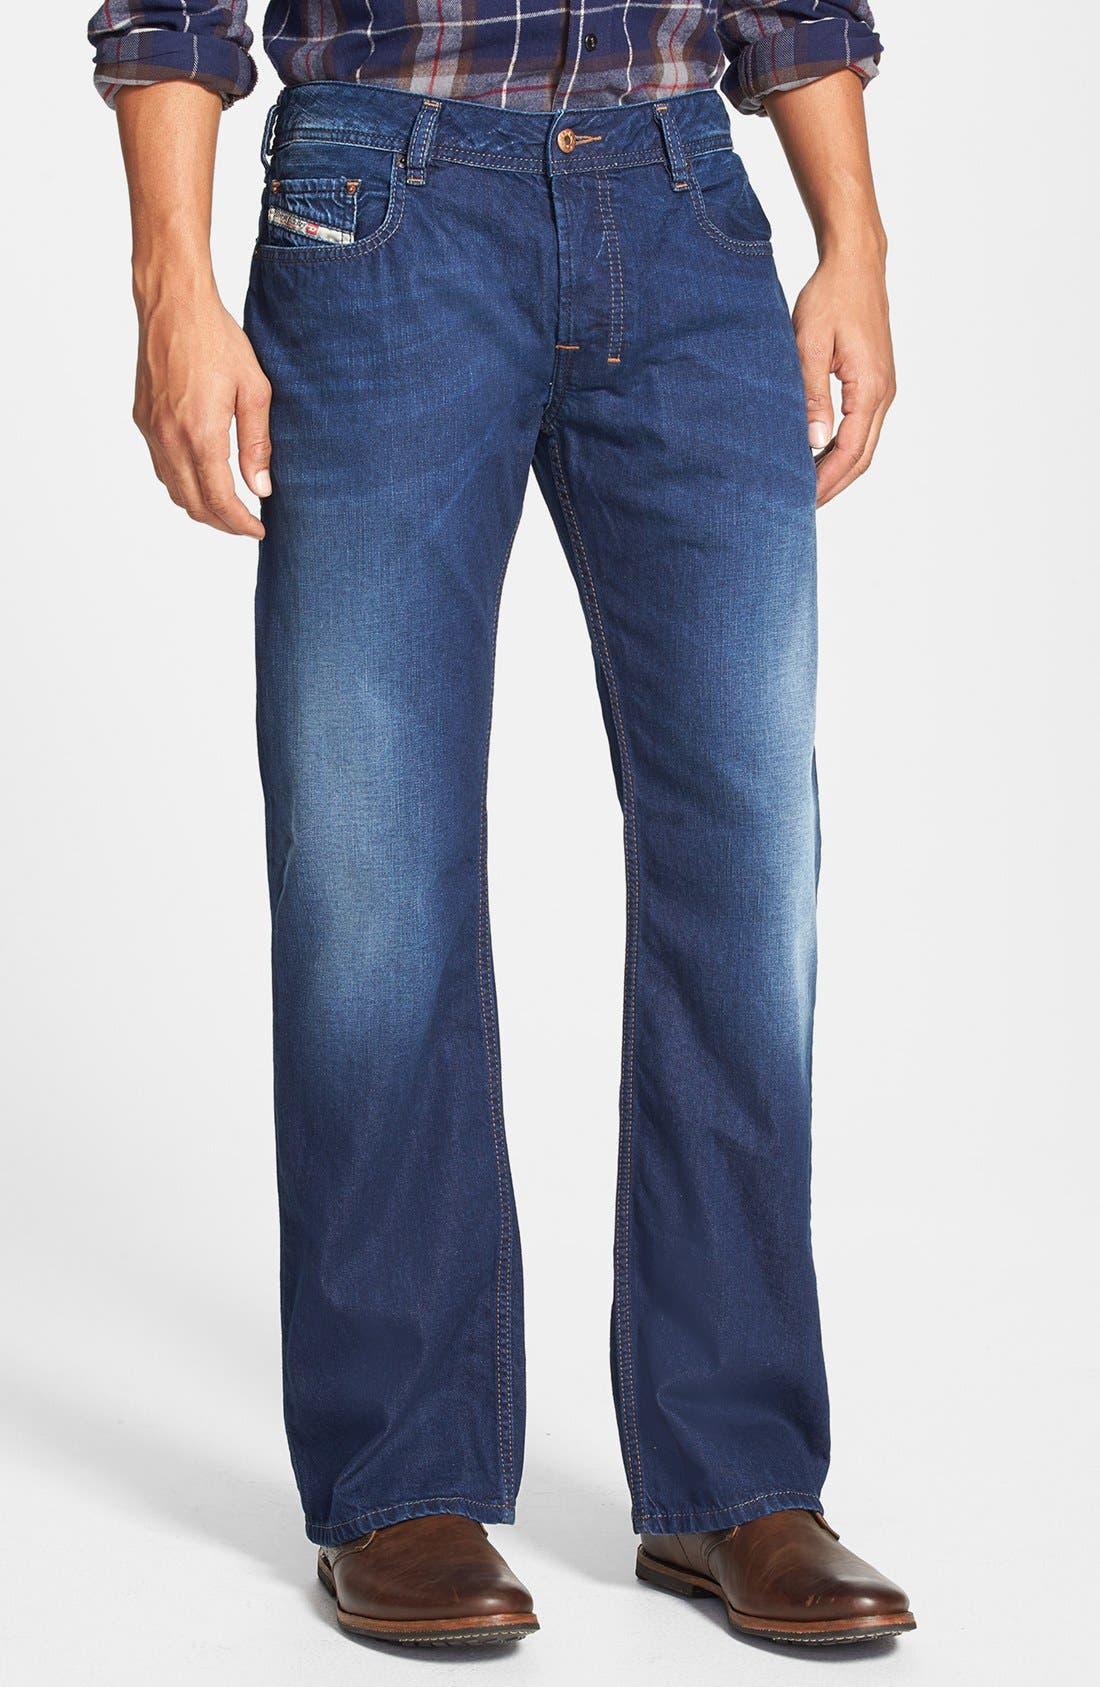 Alternate Image 1 Selected - DIESEL® 'Zatiny' Bootcut Jeans (0818N)